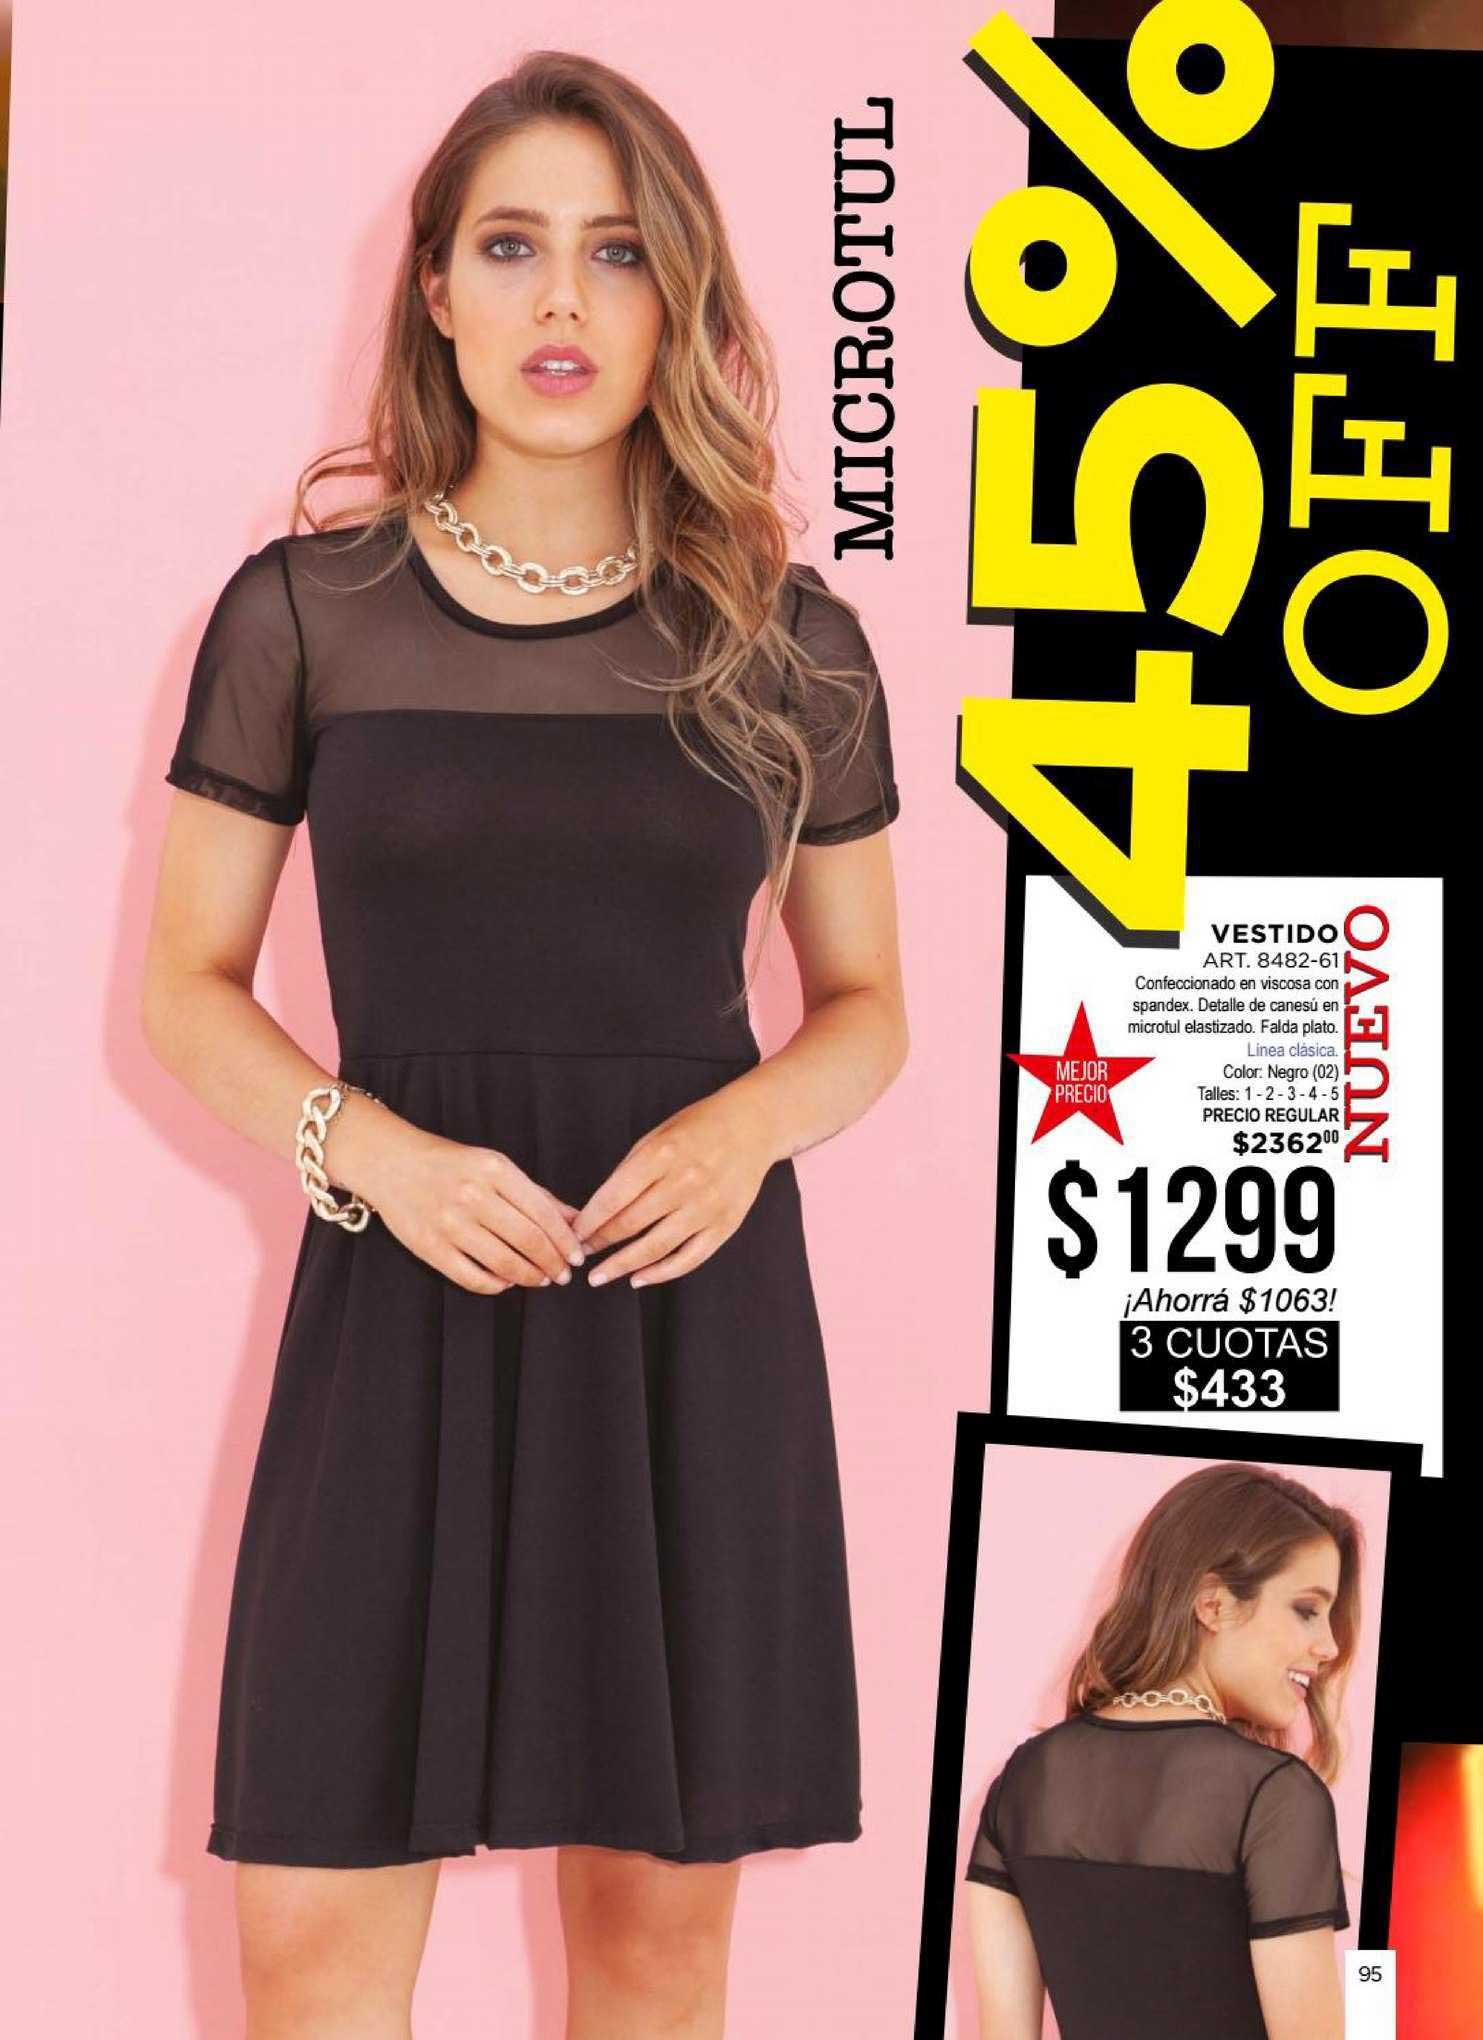 Juana Bonita Vestido ART. 8482-61